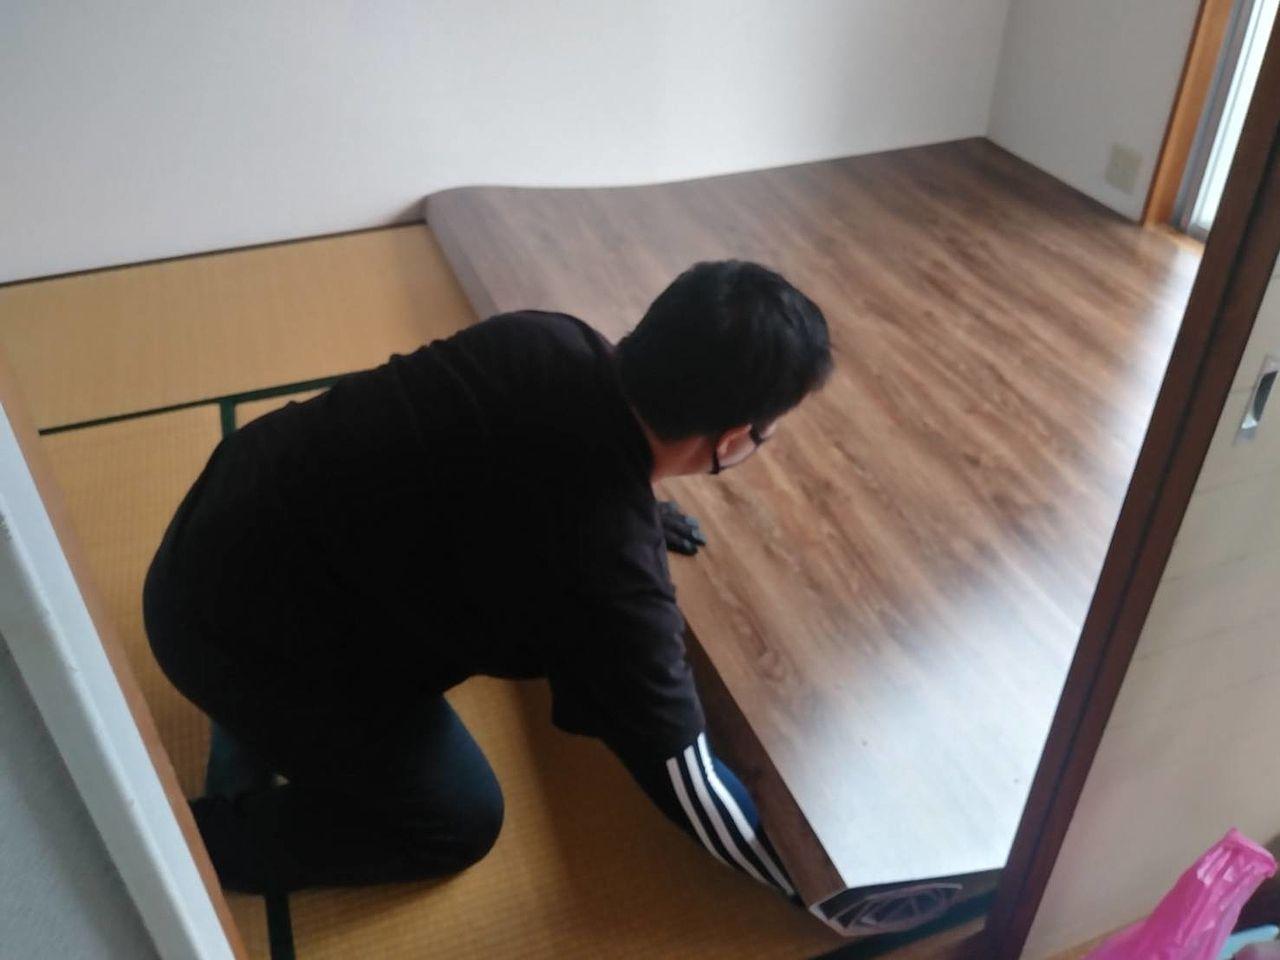 お部屋の寸法ギリギリでフローリングカーペットを準備すると敷き込みの際に壁紙を傷つけてしまう場合があります。くれぐれもご注意ください。